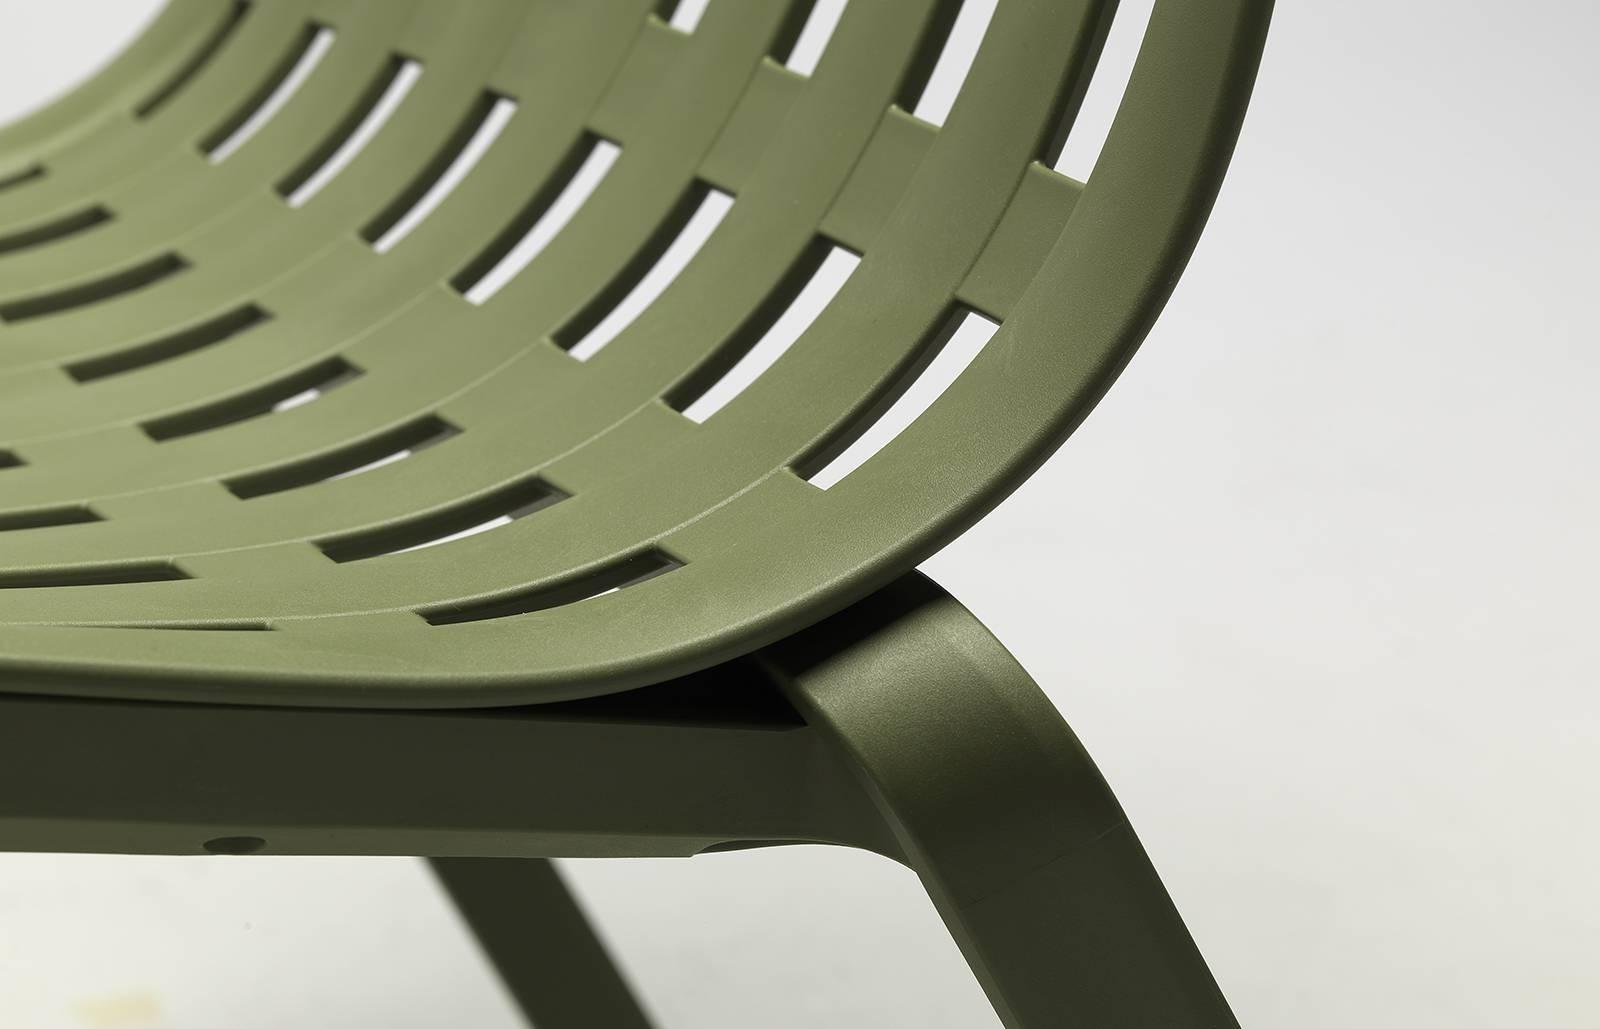 Fotel bujany z podłokietnikami Folio zie lony - zdjęcie nr 8